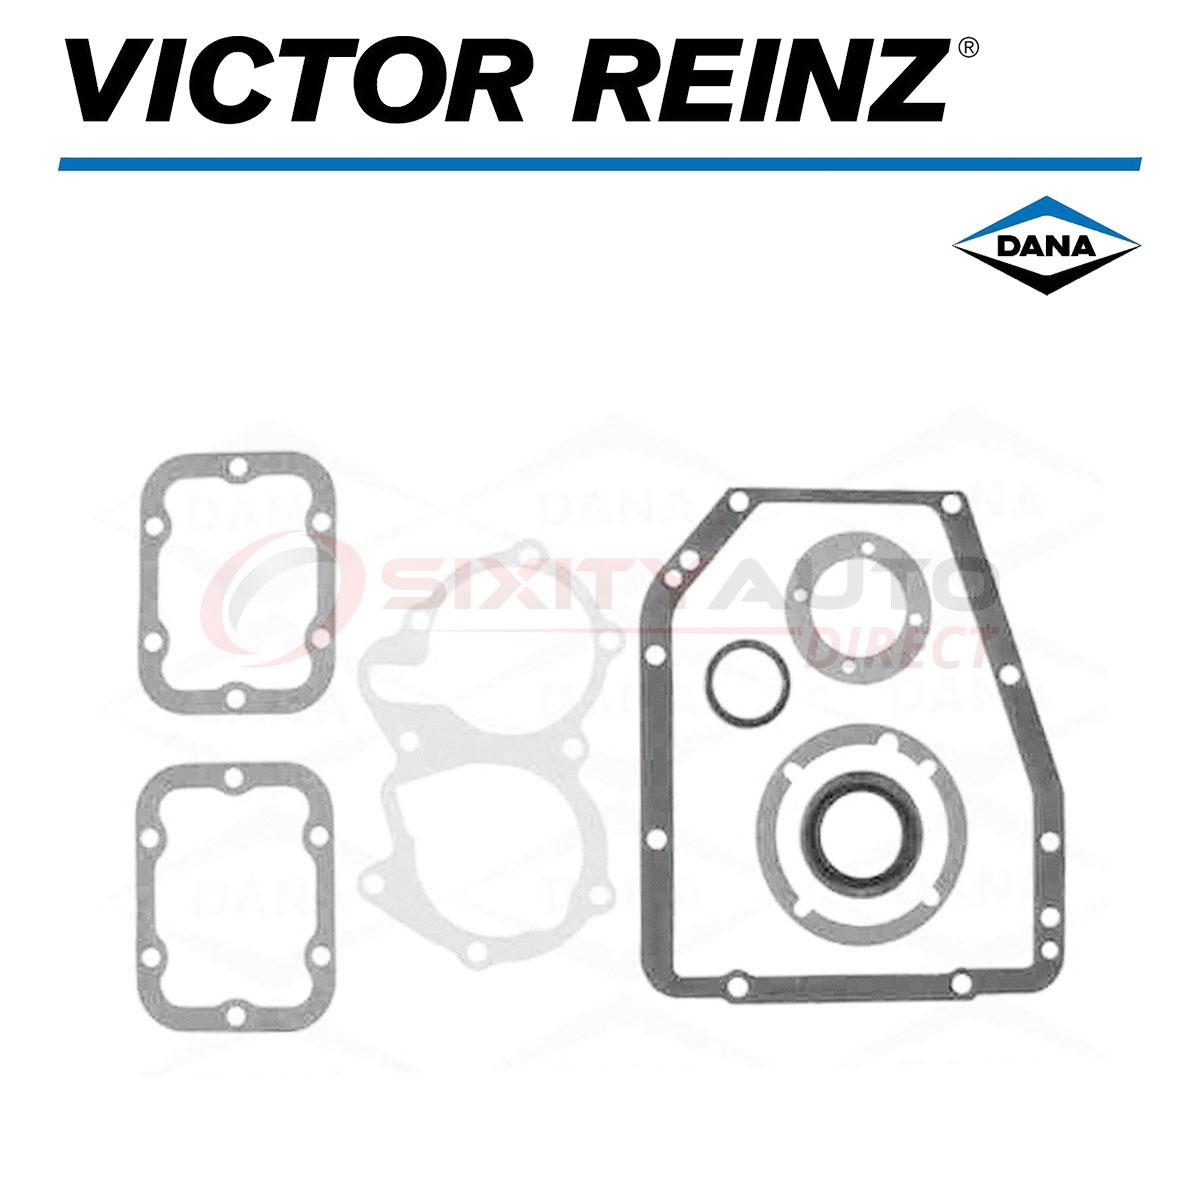 Victor Reinz Manual Transmission Gasket Set for 1975-1987